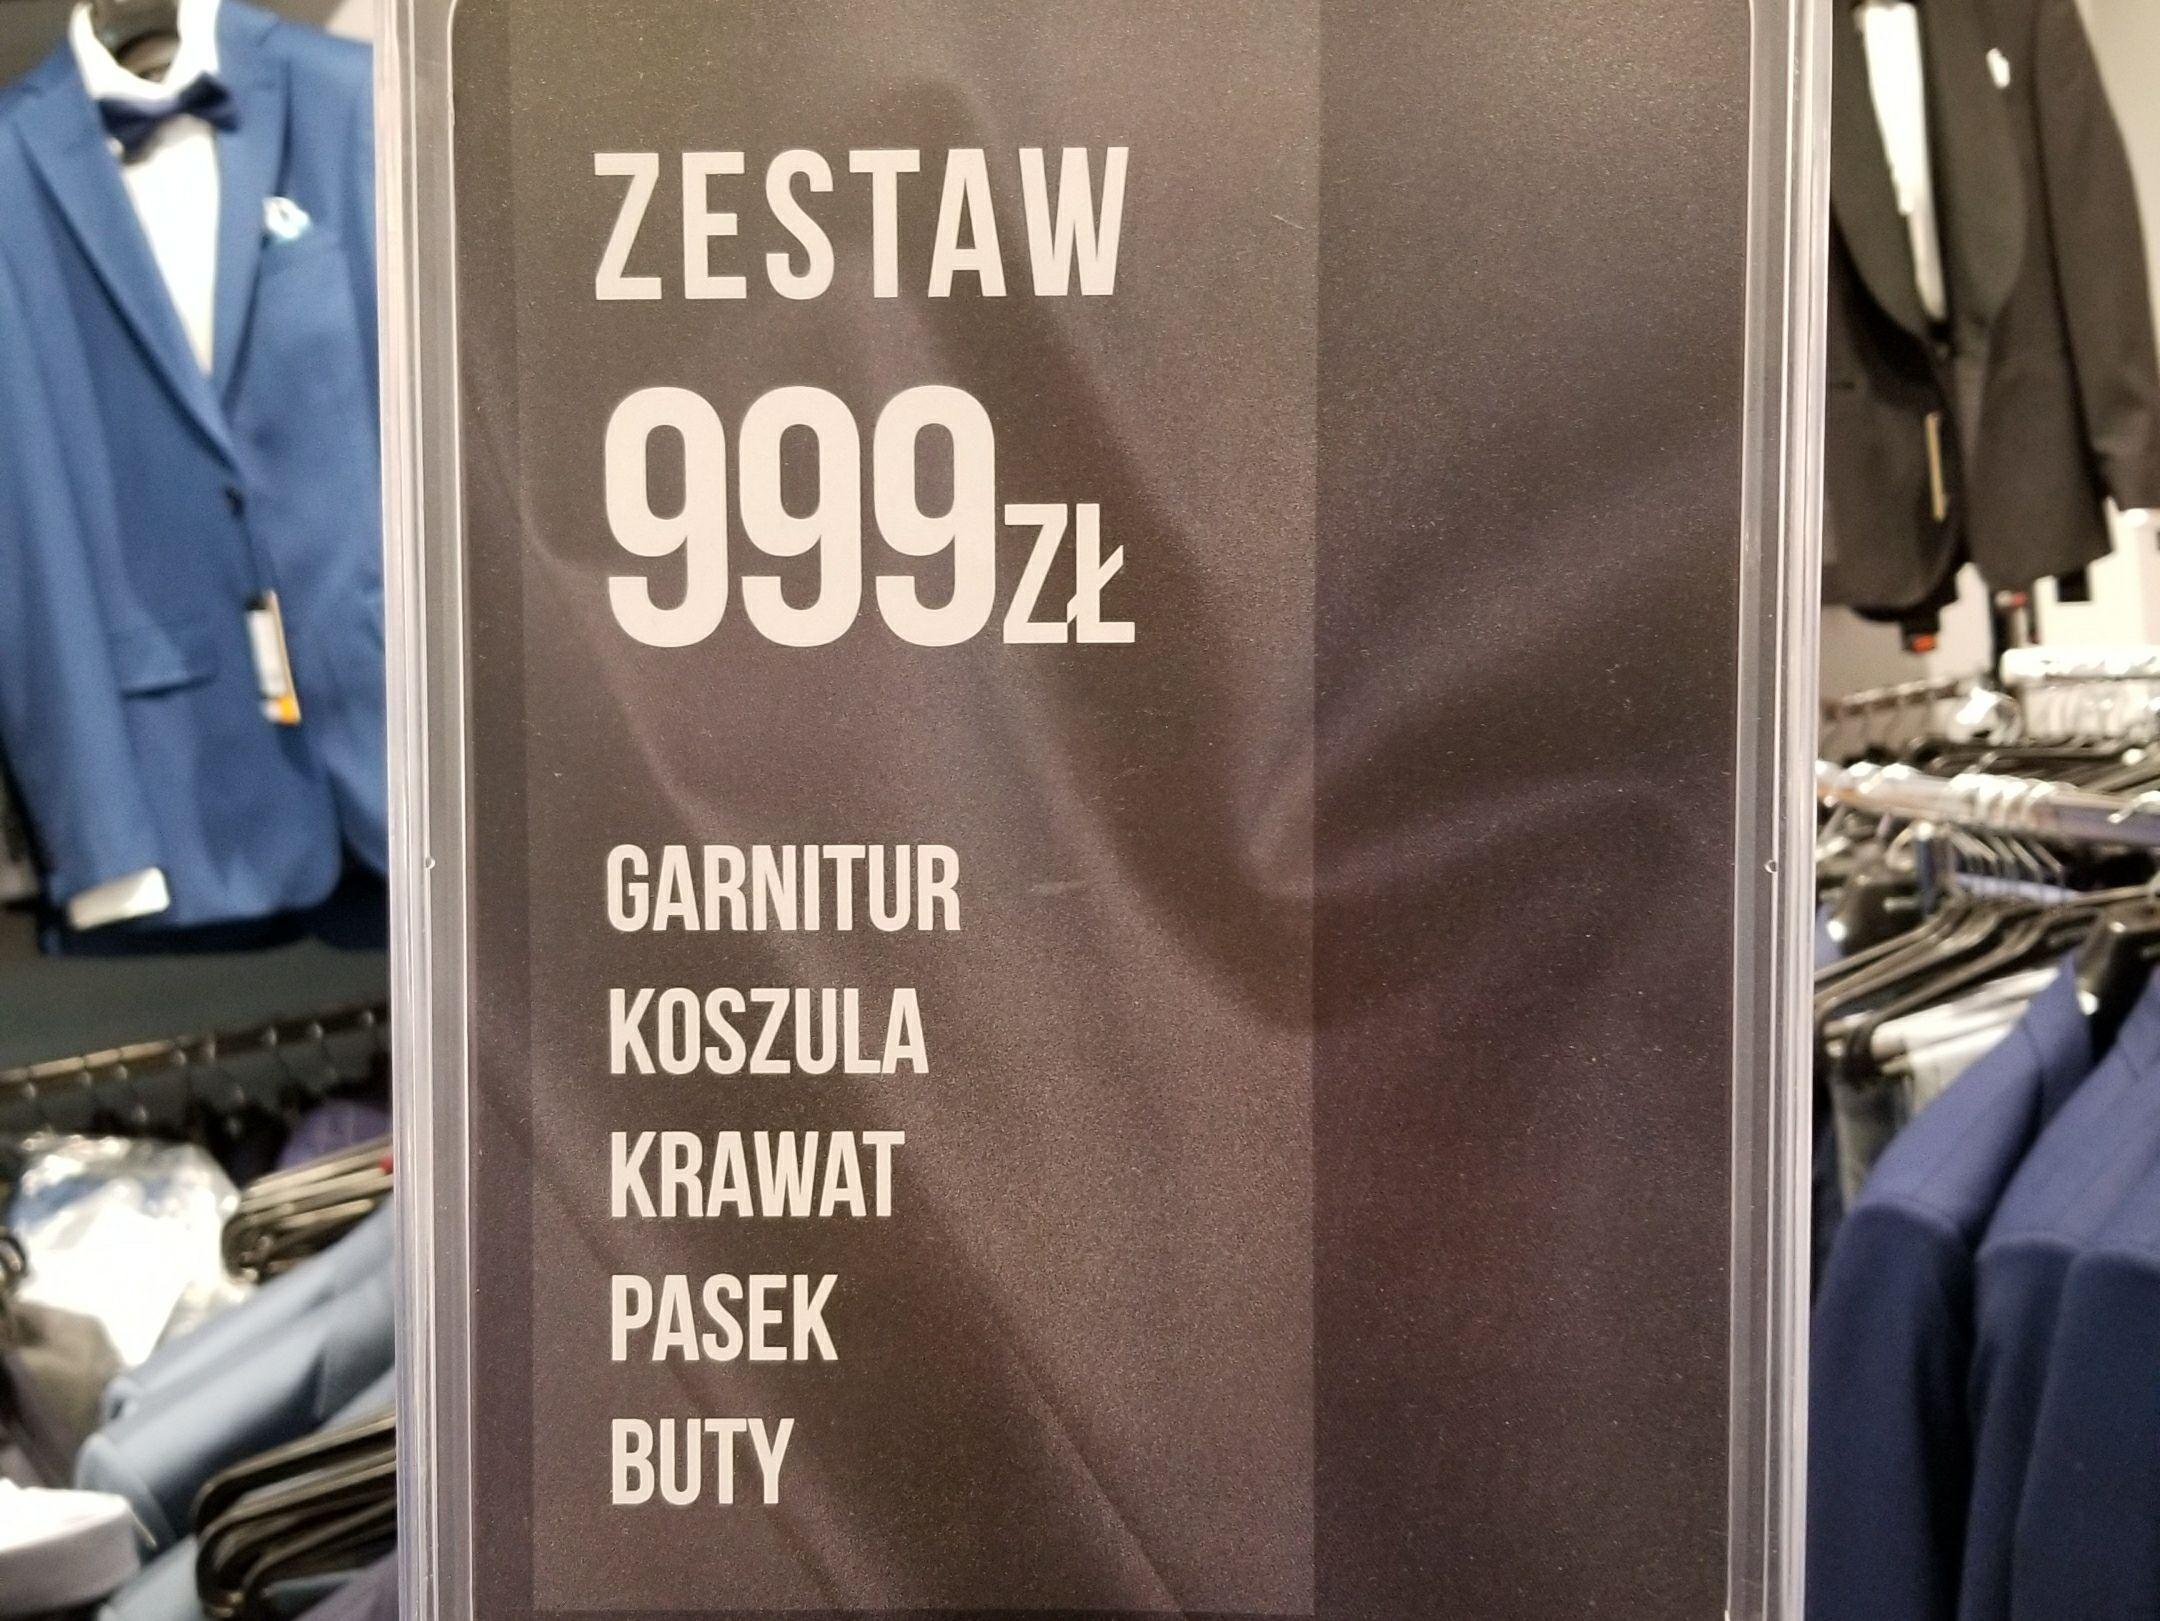 BYTOM zestaw z garniturem Factory Outlet Luboń